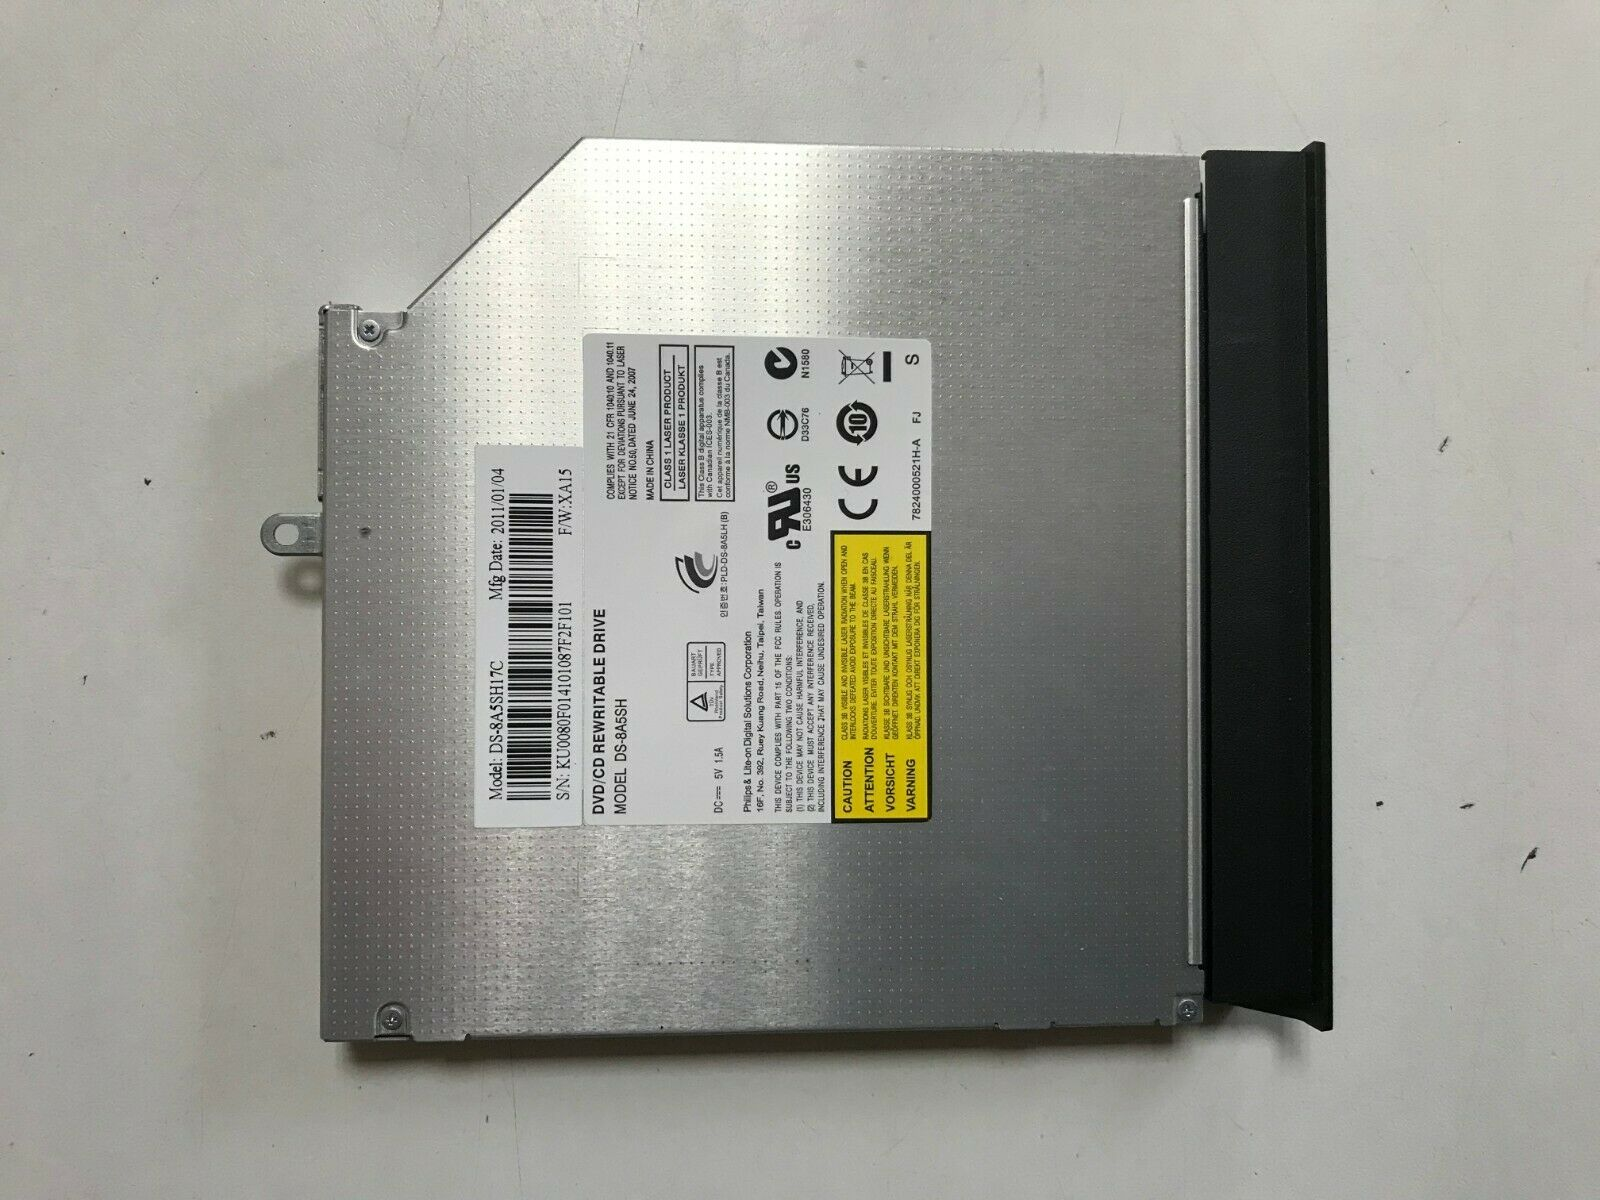 Lecteur cd dvd graveur pour ordinateur portable packard bell - easynote lm94